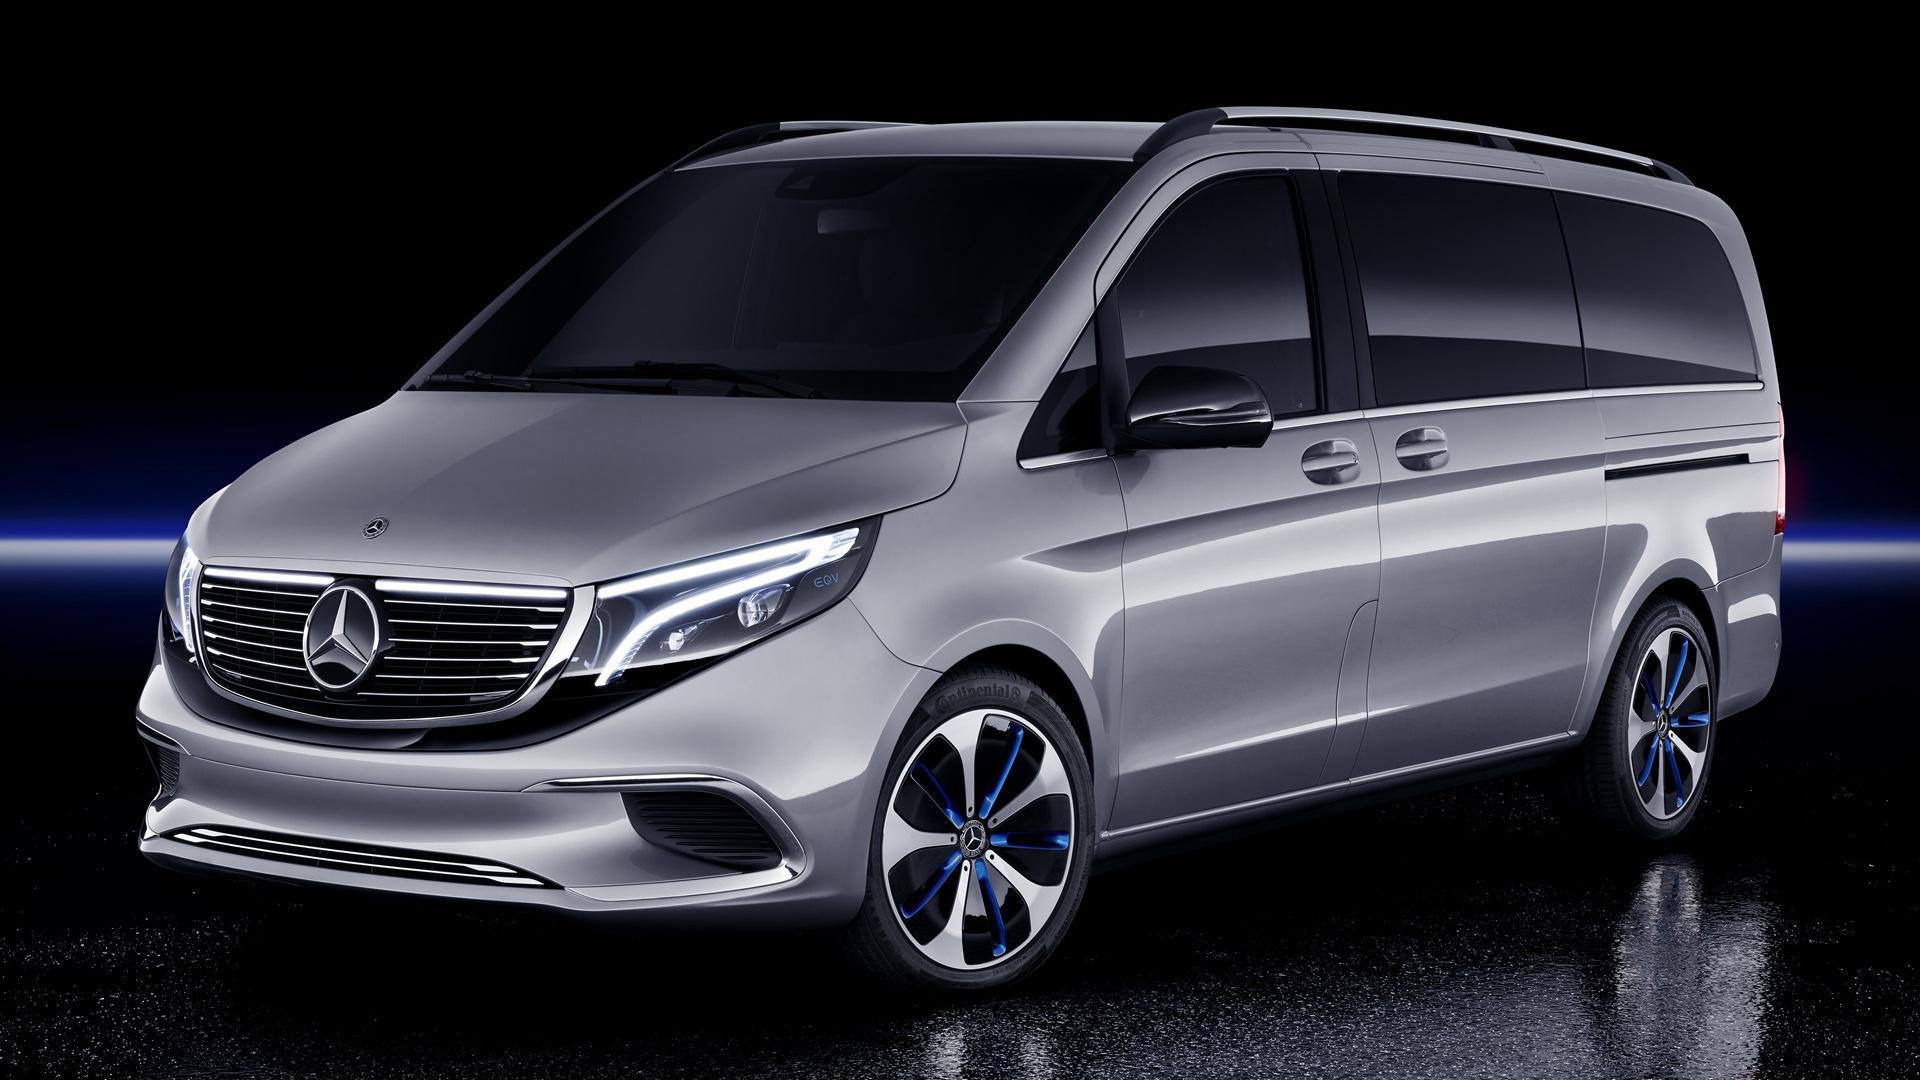 2019 Mercedes-Benz Concept EQV